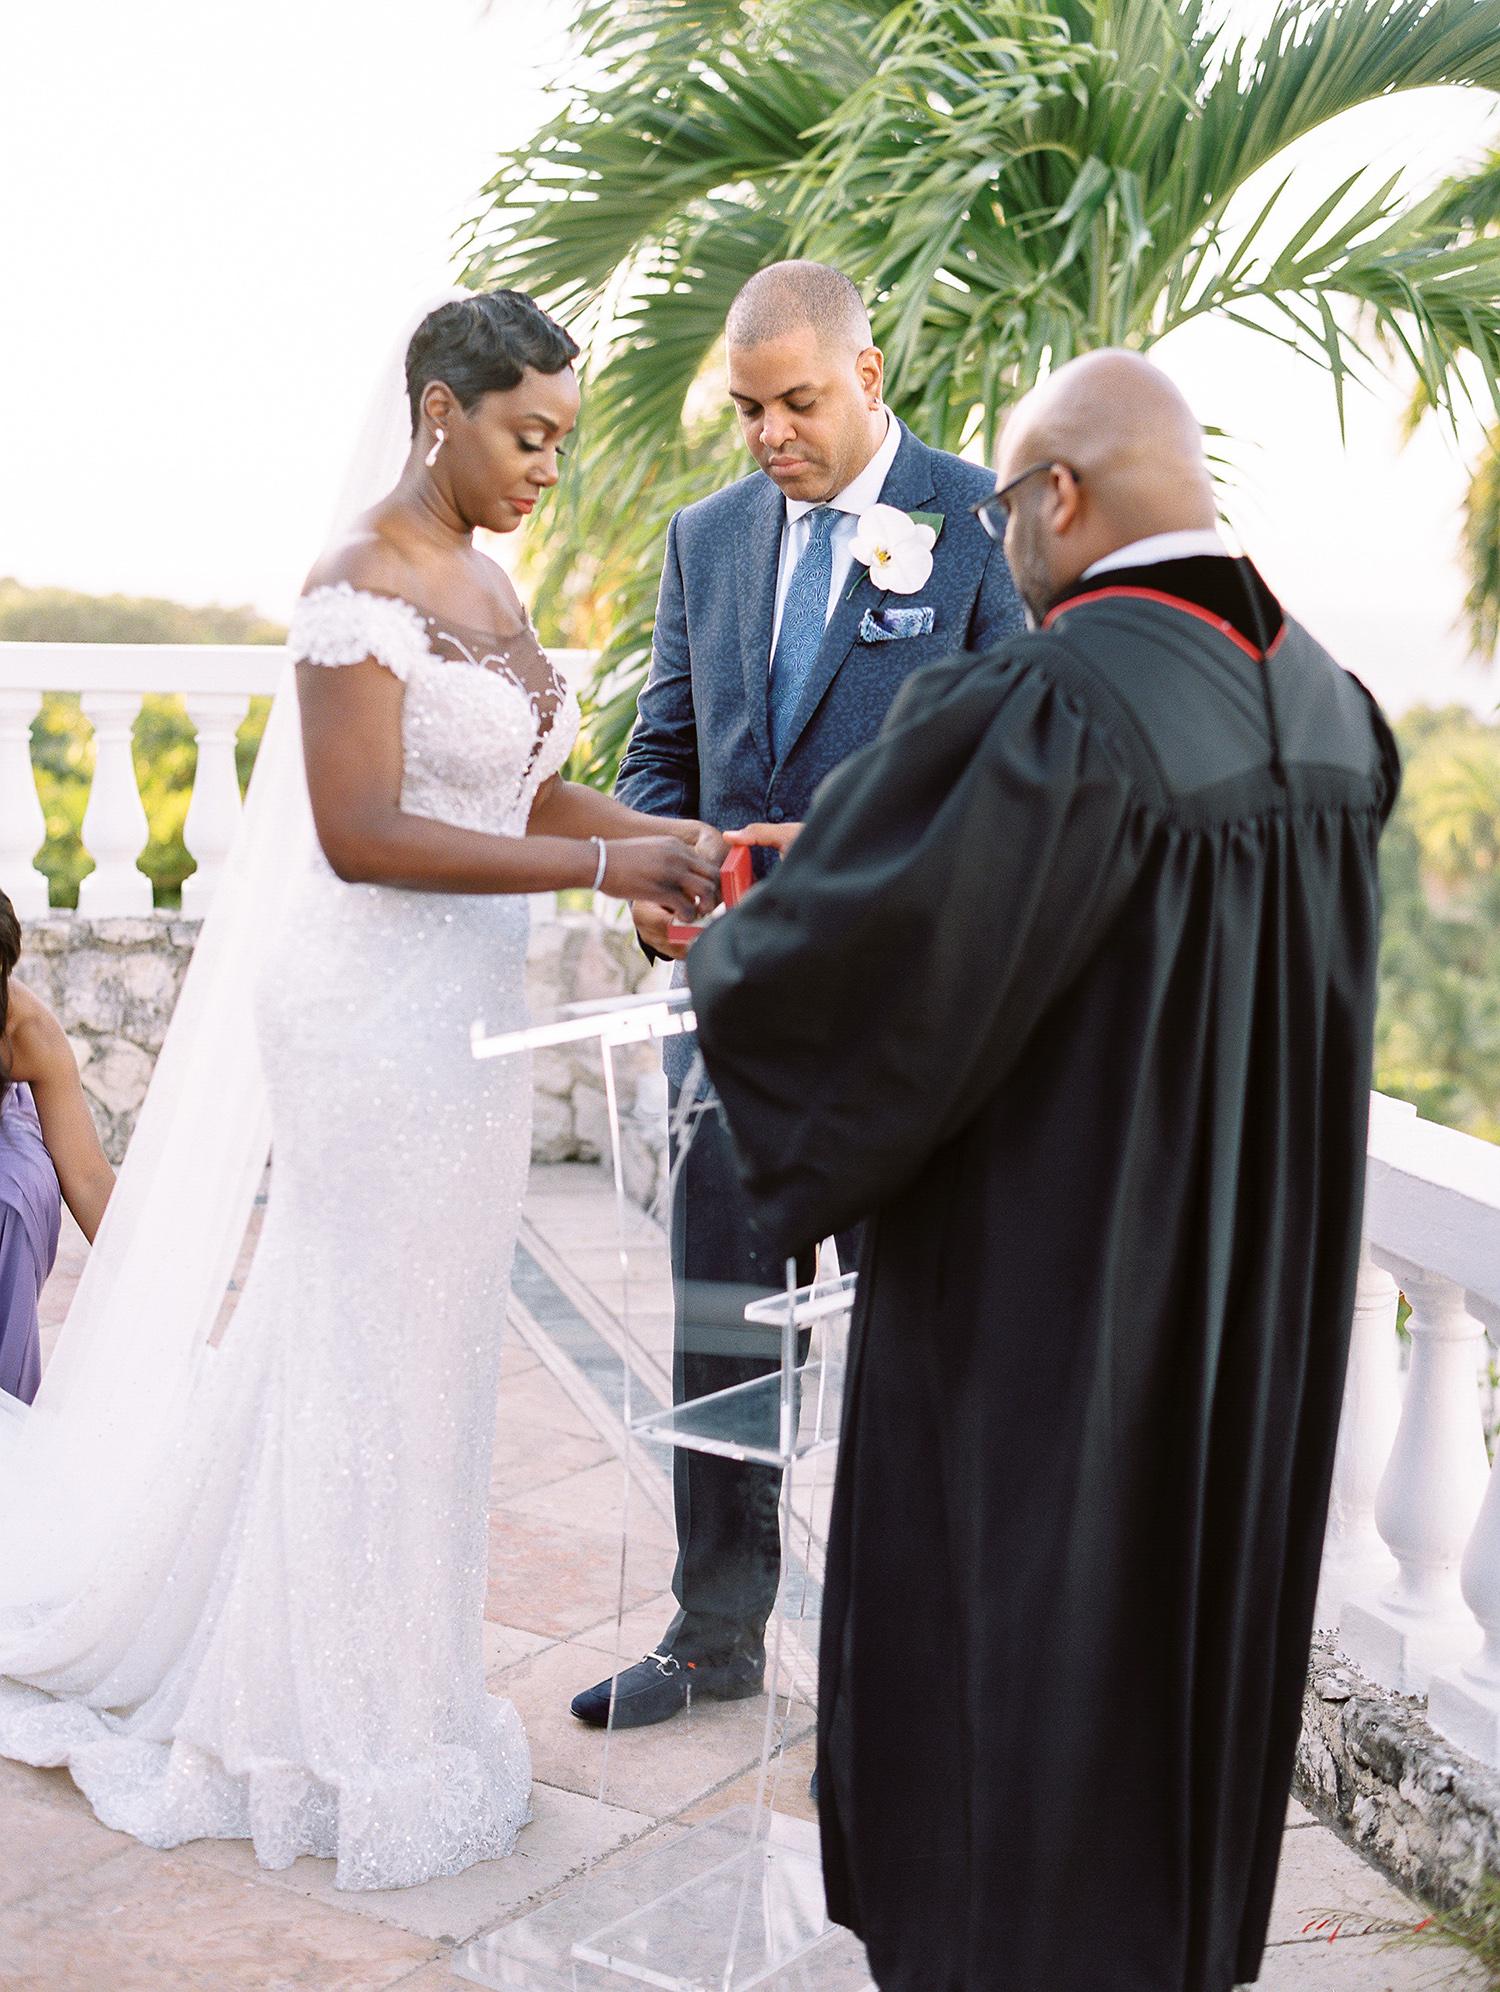 melissa leighton wedding vows